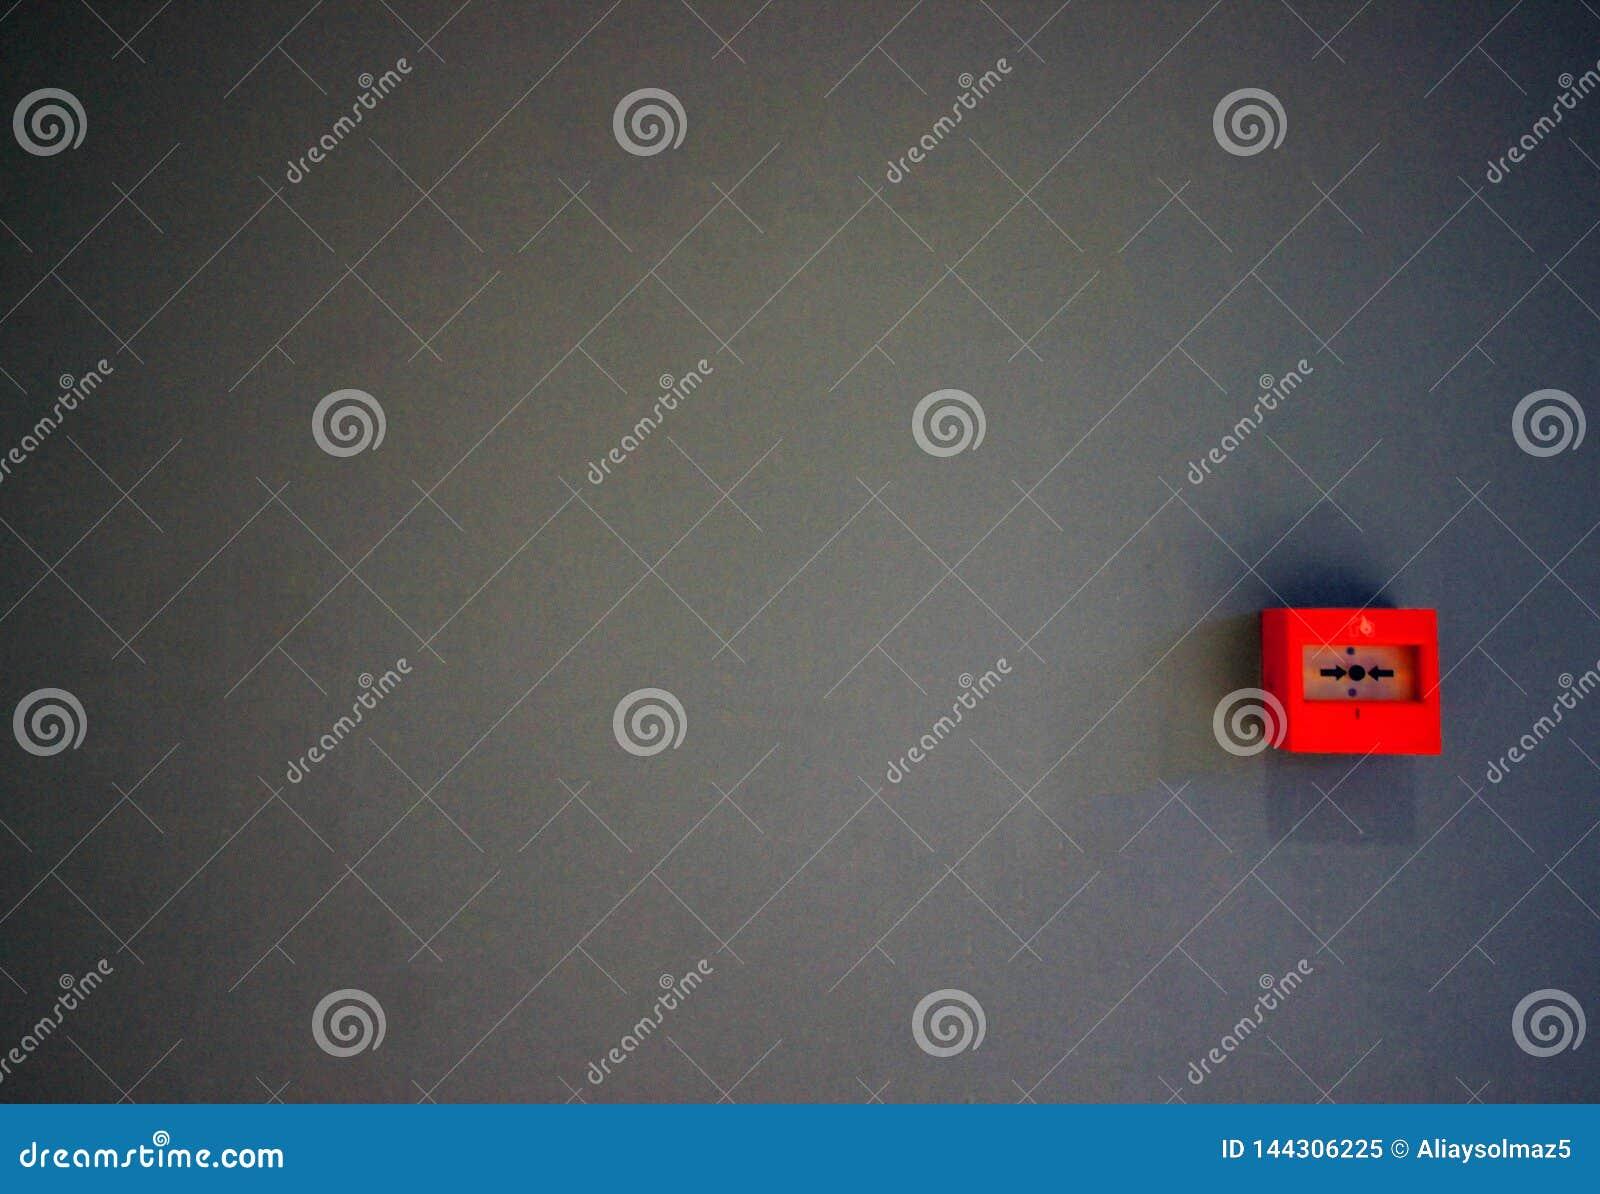 Аварийный переключатель огня или кнопка помещенные на серой стене, автоматизация спасения, огонь колокол